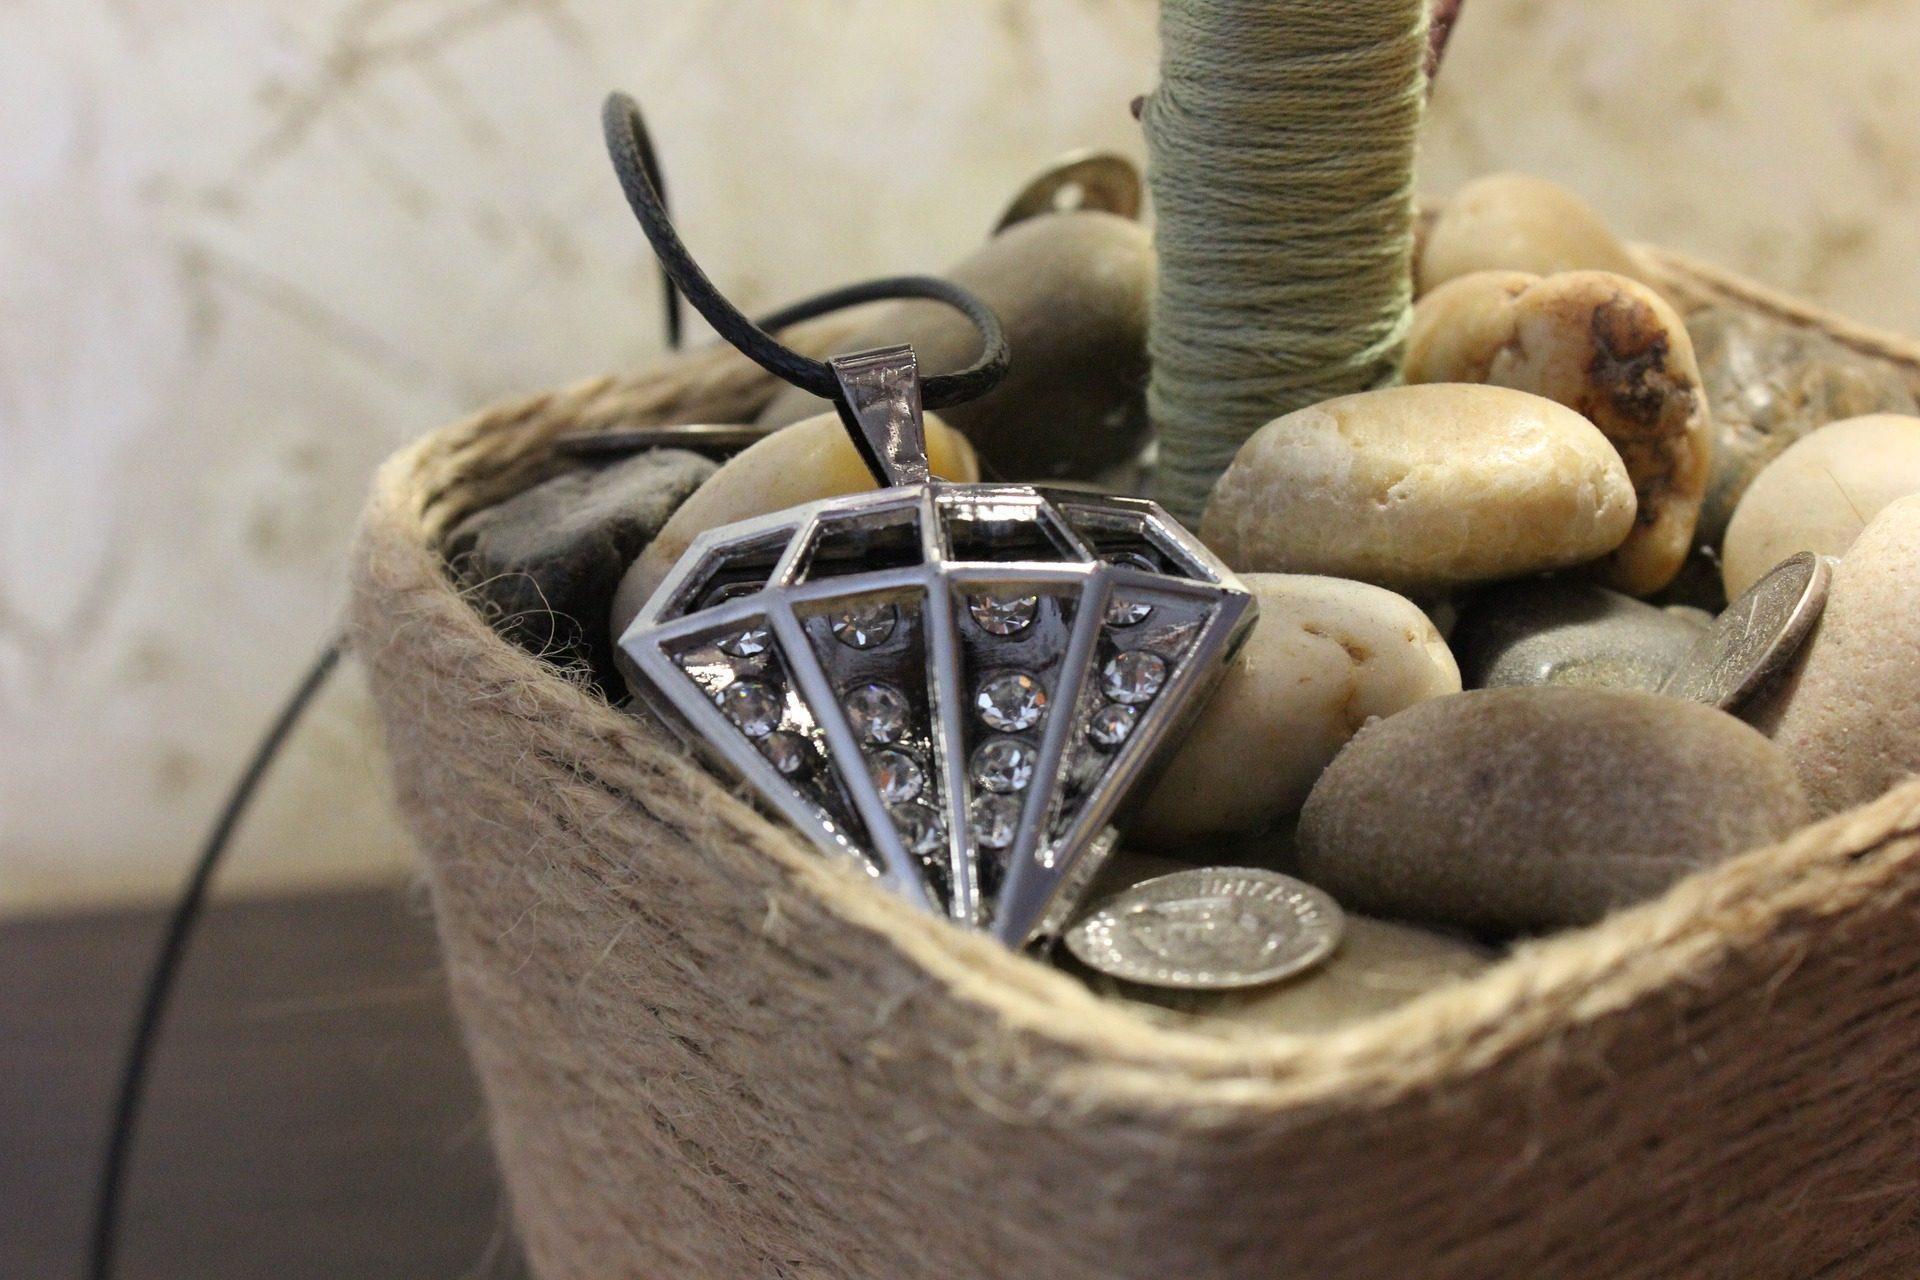 Ожерелье, Бриллианты, Жемчужина, горшок, камни, монеты, Плетеные - Обои HD - Профессор falken.com